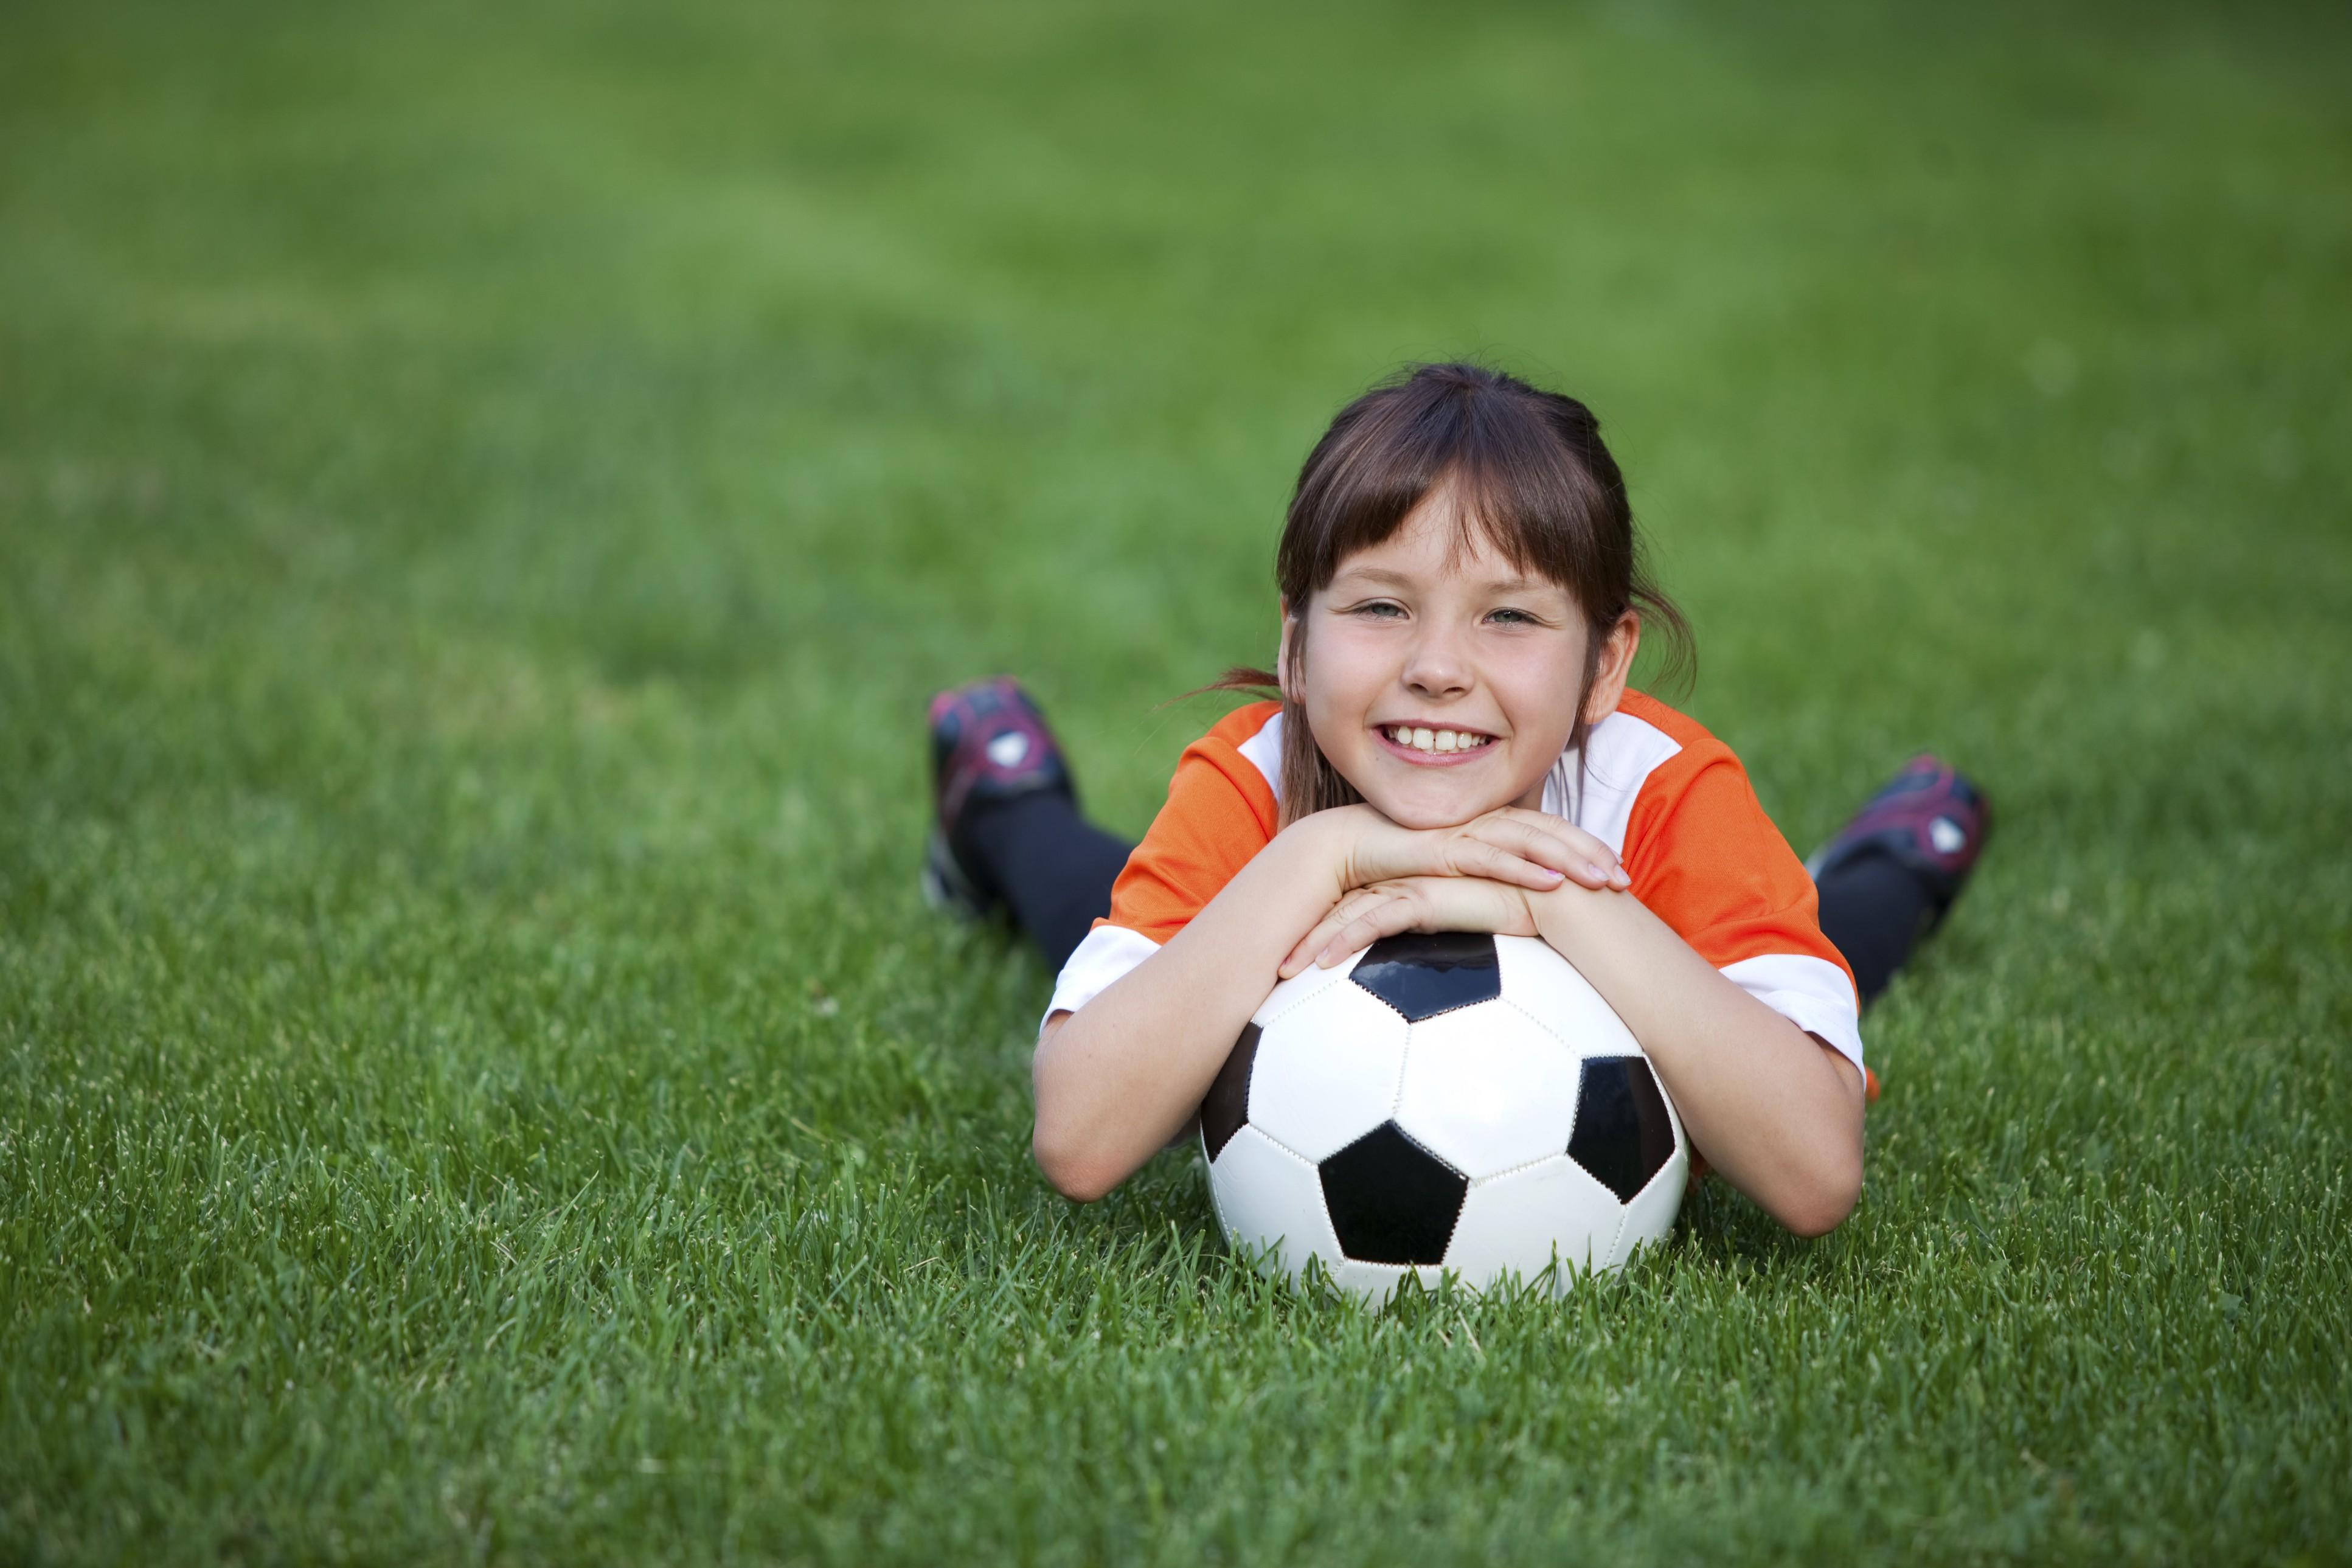 Crianças que fazem esportes e pulam corda tem ossos mais fortes, diz estudo